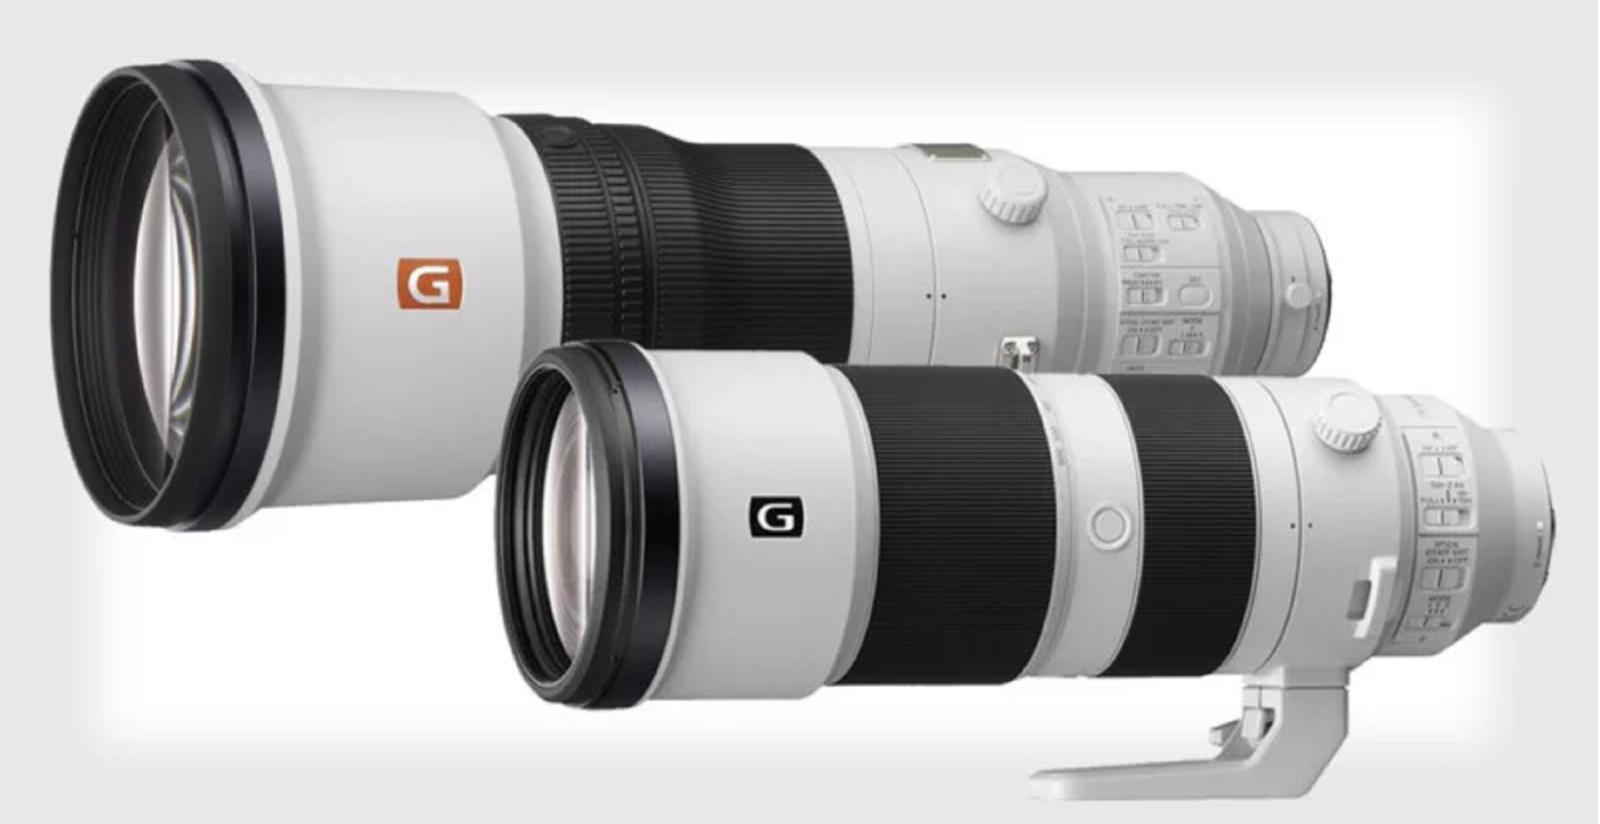 Sony công bốbộ đôi ống kính mớiFE 600mm F4 GM OSS và FE 200-600mm F5.6-6.3 G OSS